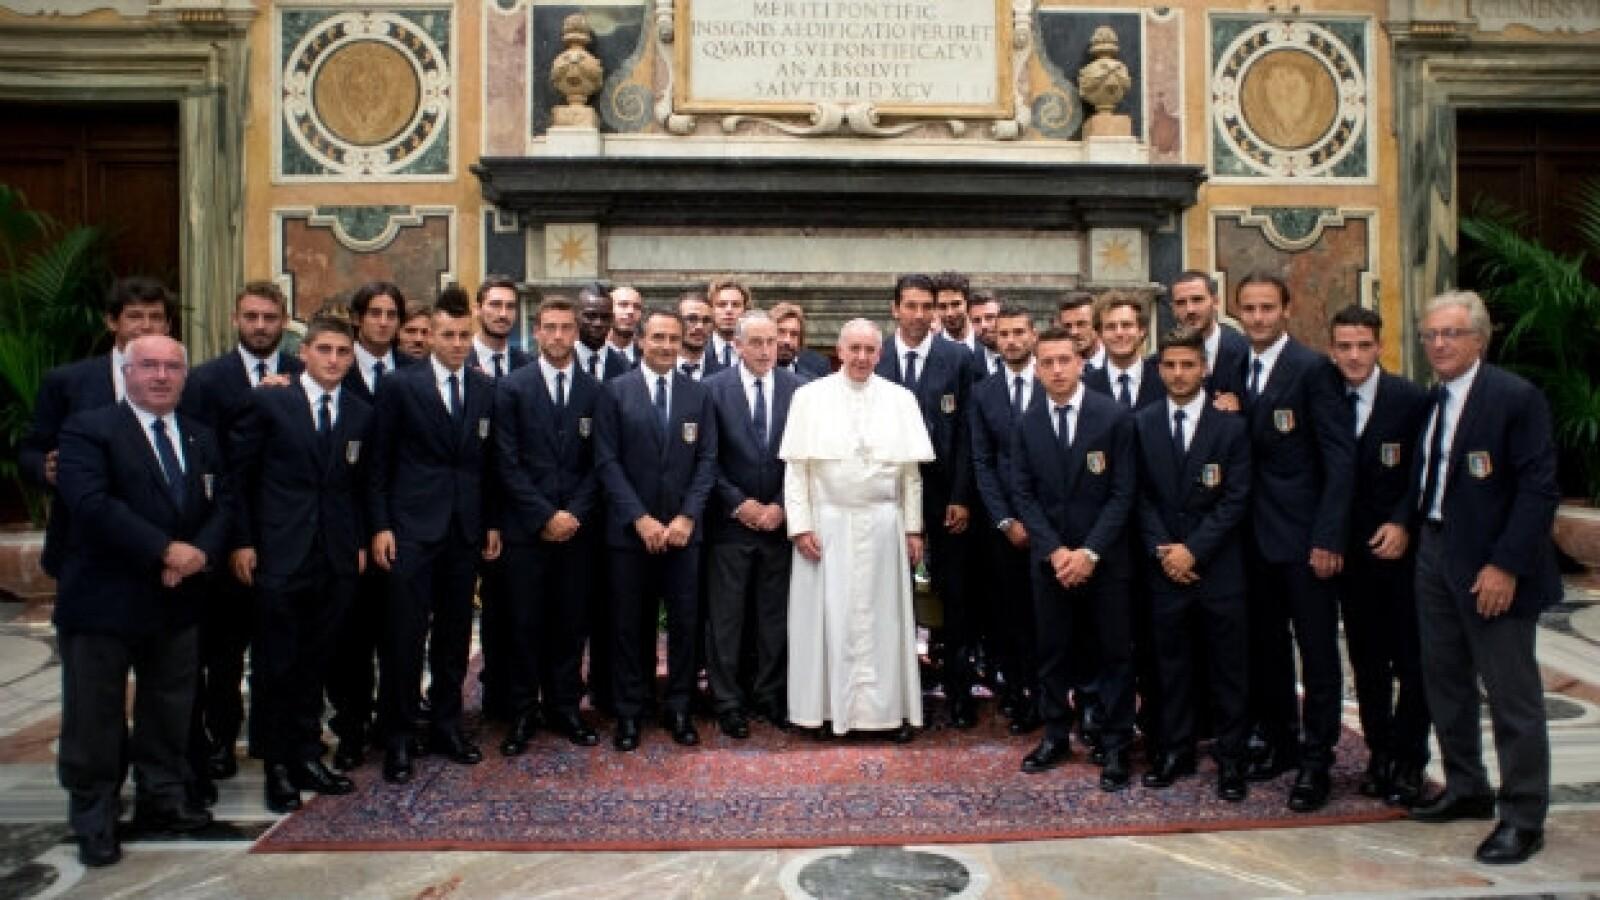 El papa Francisco recibe a futbolistas italianos y argentinos